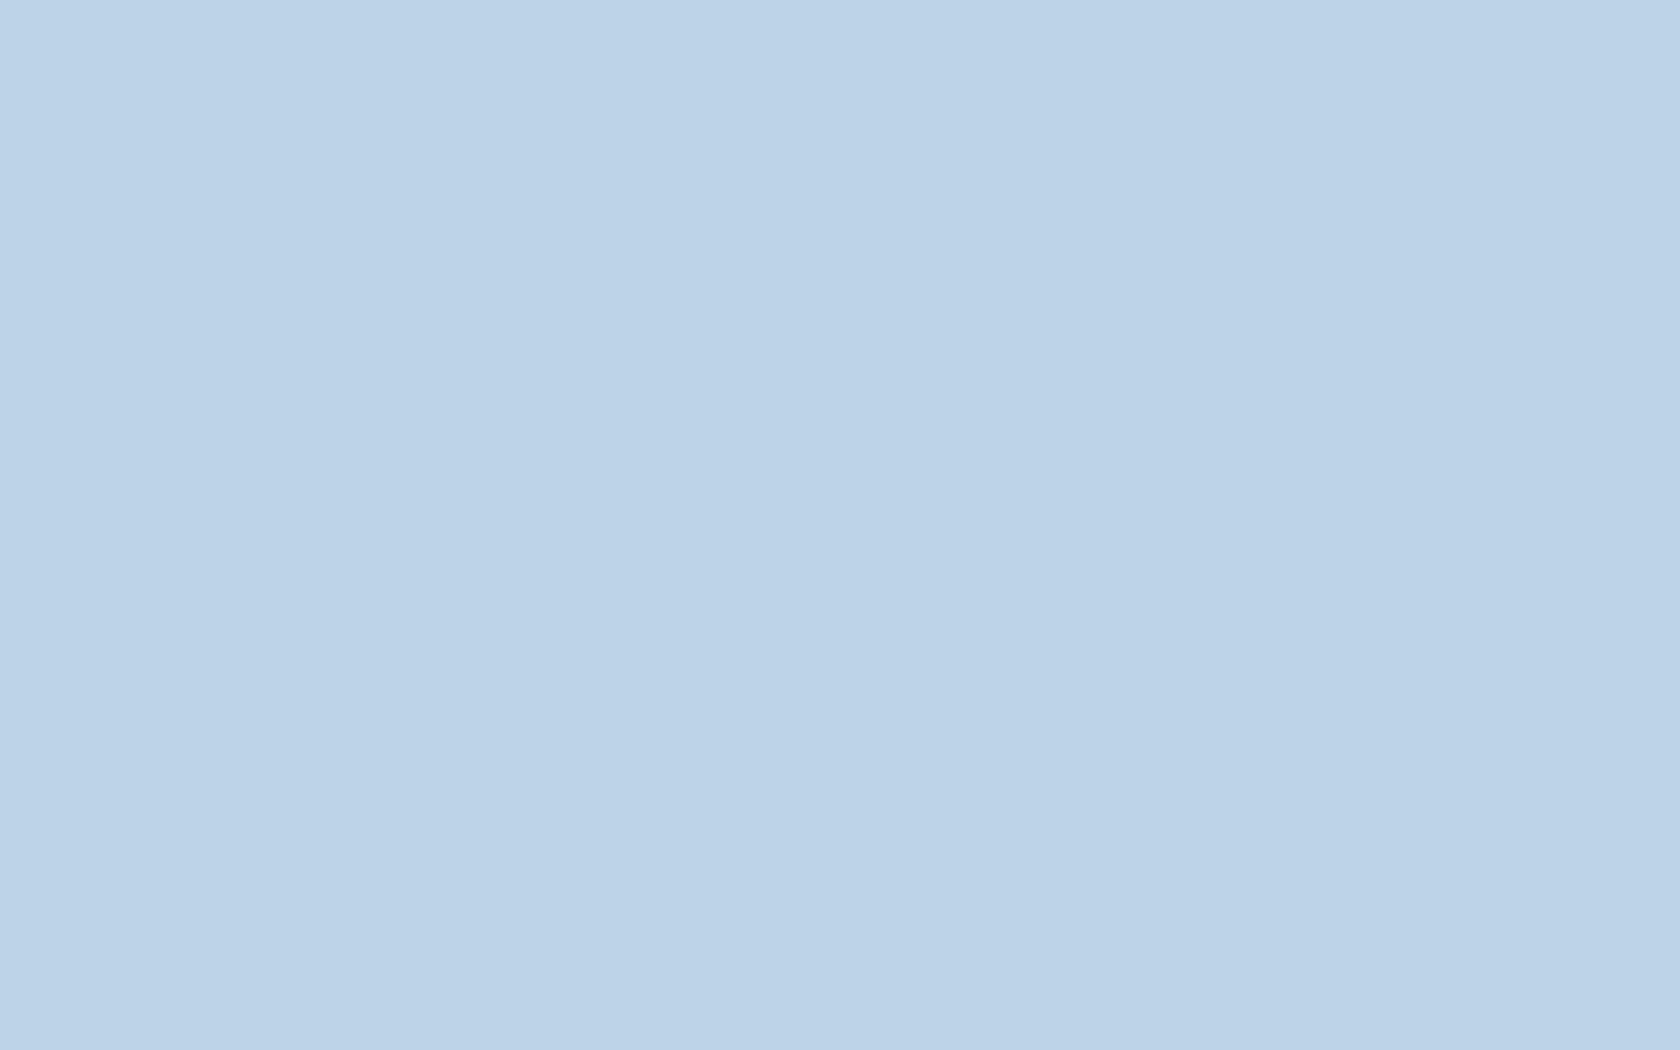 1680x1050 Pale Aqua Solid Color Background